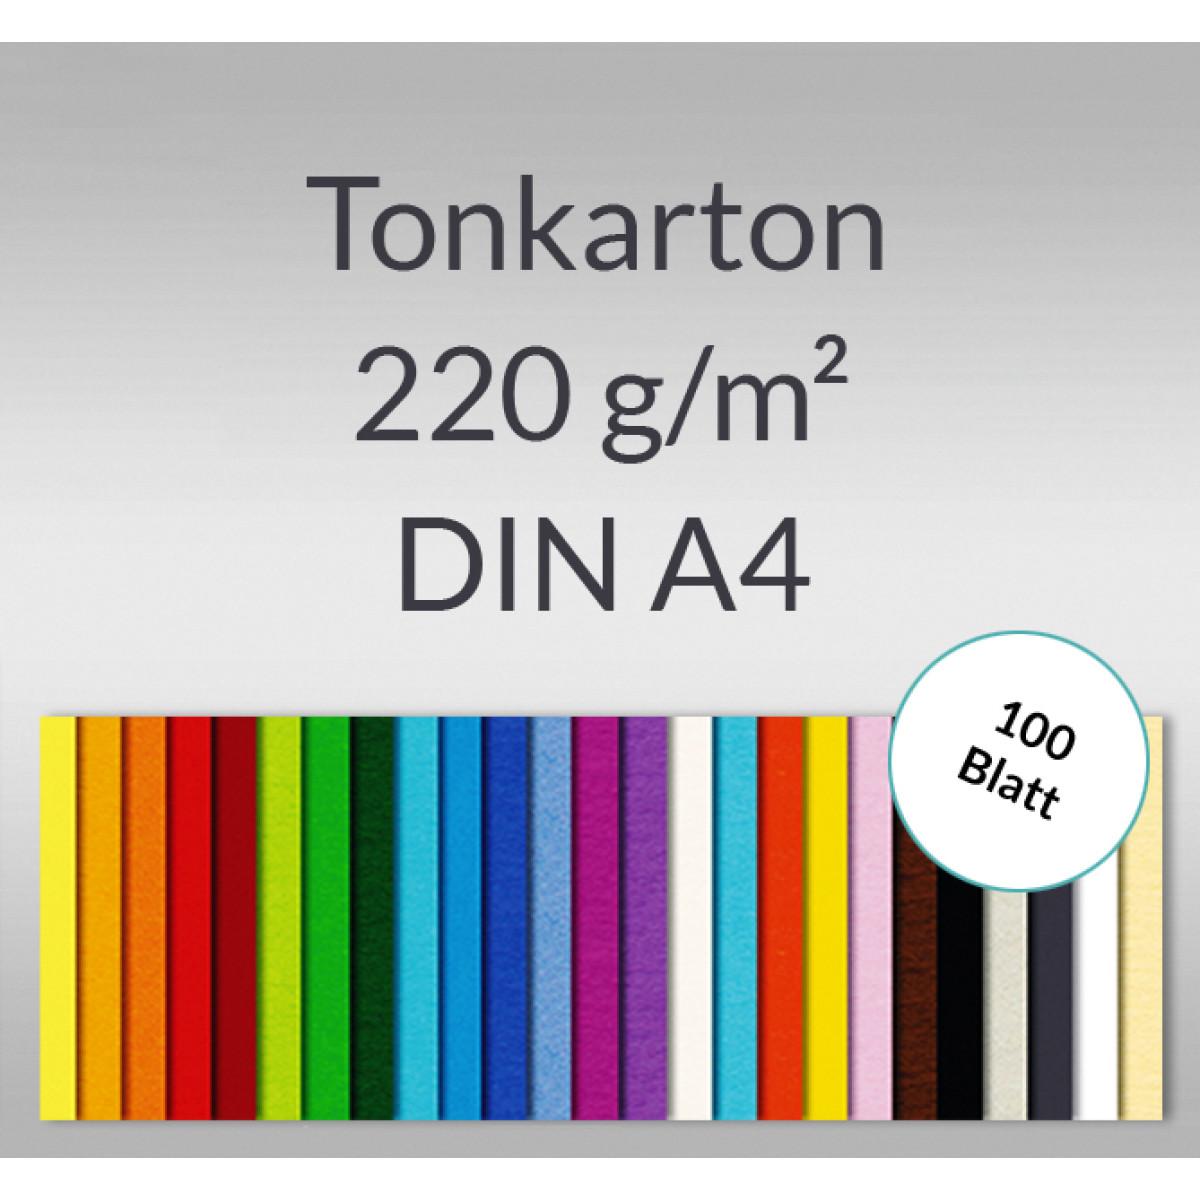 Tonkarton 220 g/qm DIN A4 - 100 Blatt